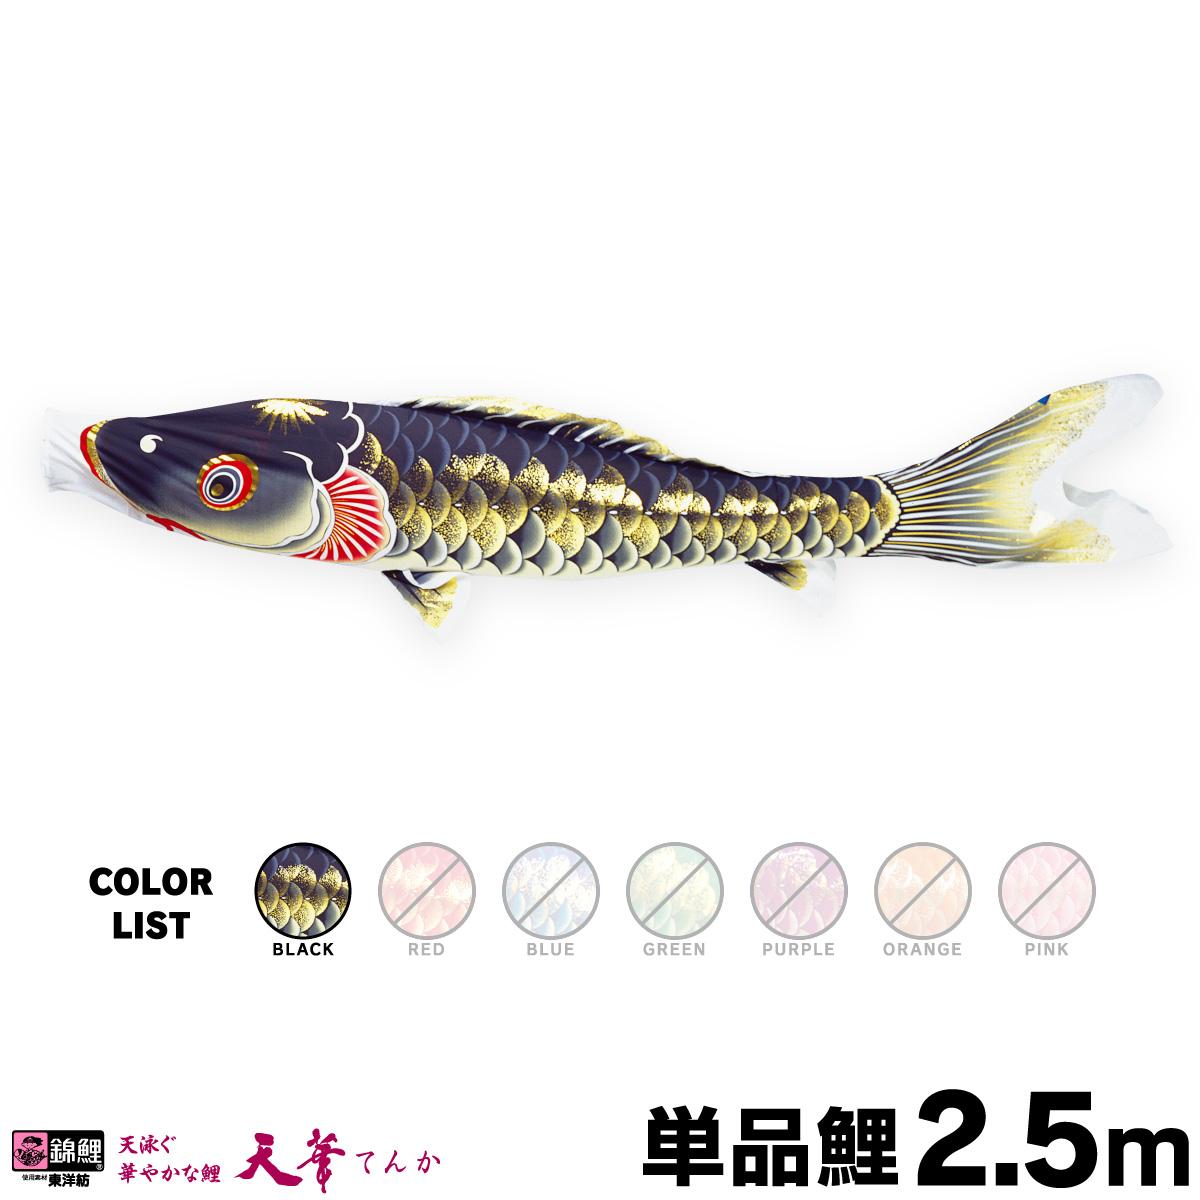 【こいのぼり 単品】 天華鯉 2.5m 単品鯉